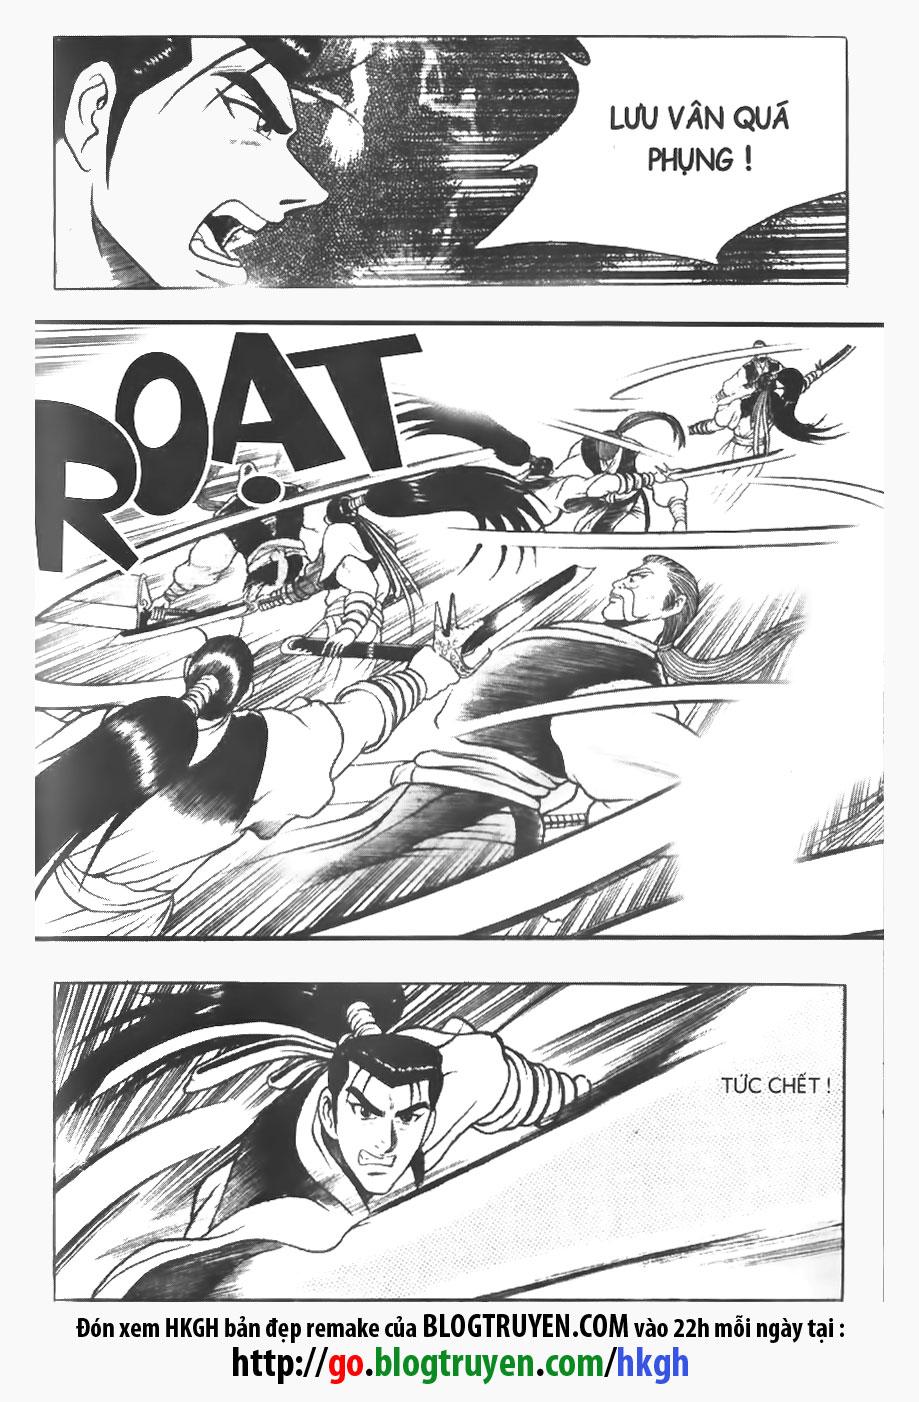 xem truyen moi - Hiệp Khách Giang Hồ Vol12 - Chap 078 - Remake